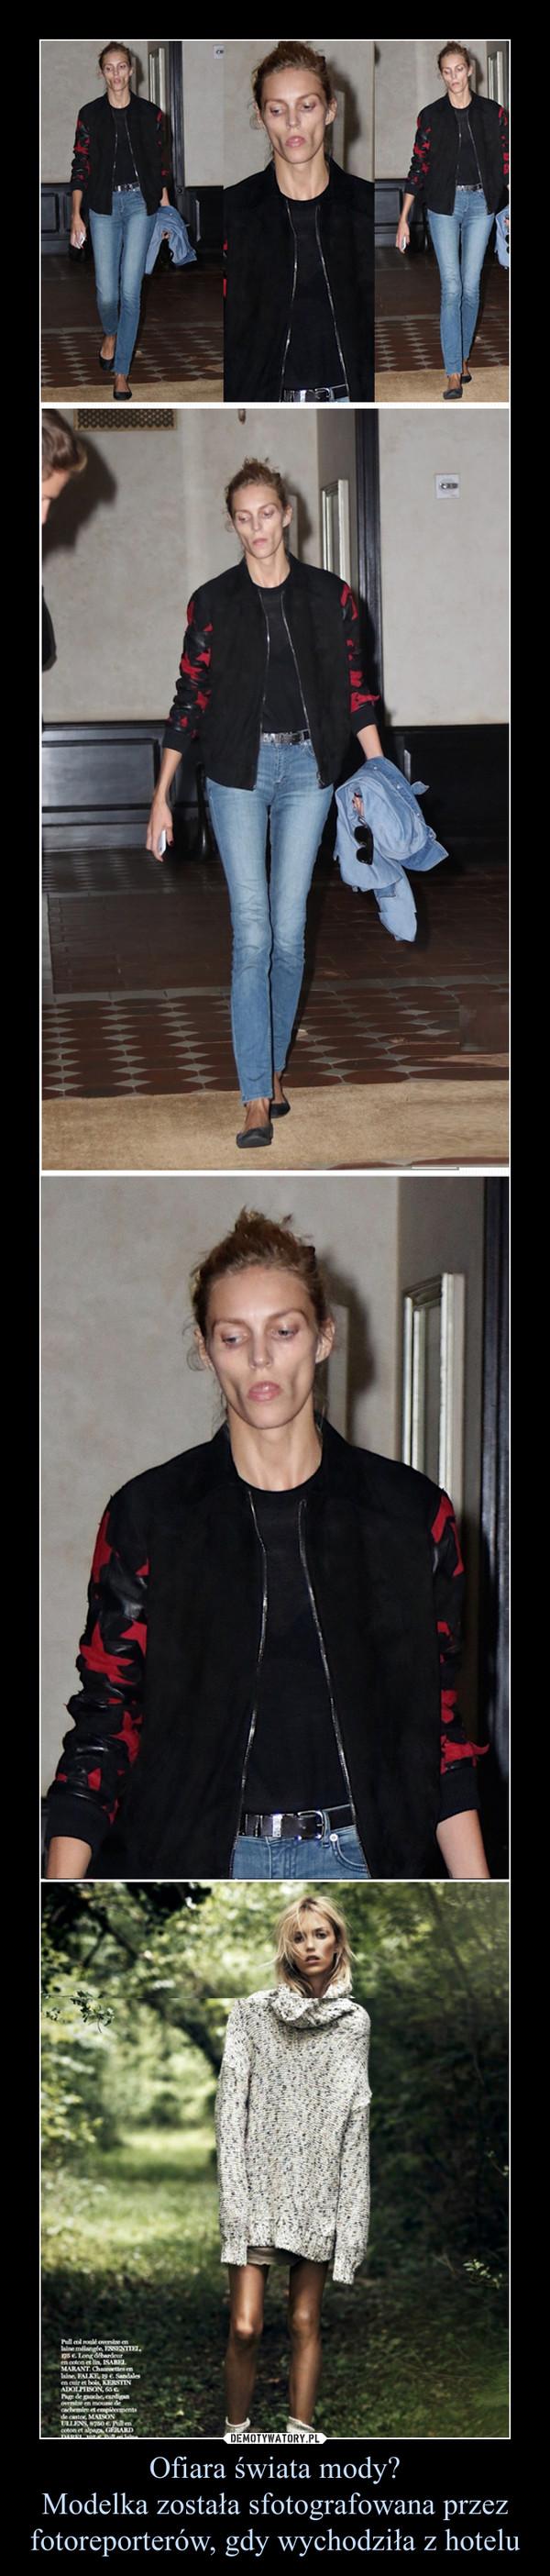 Ofiara świata mody?Modelka została sfotografowana przez fotoreporterów, gdy wychodziła z hotelu –